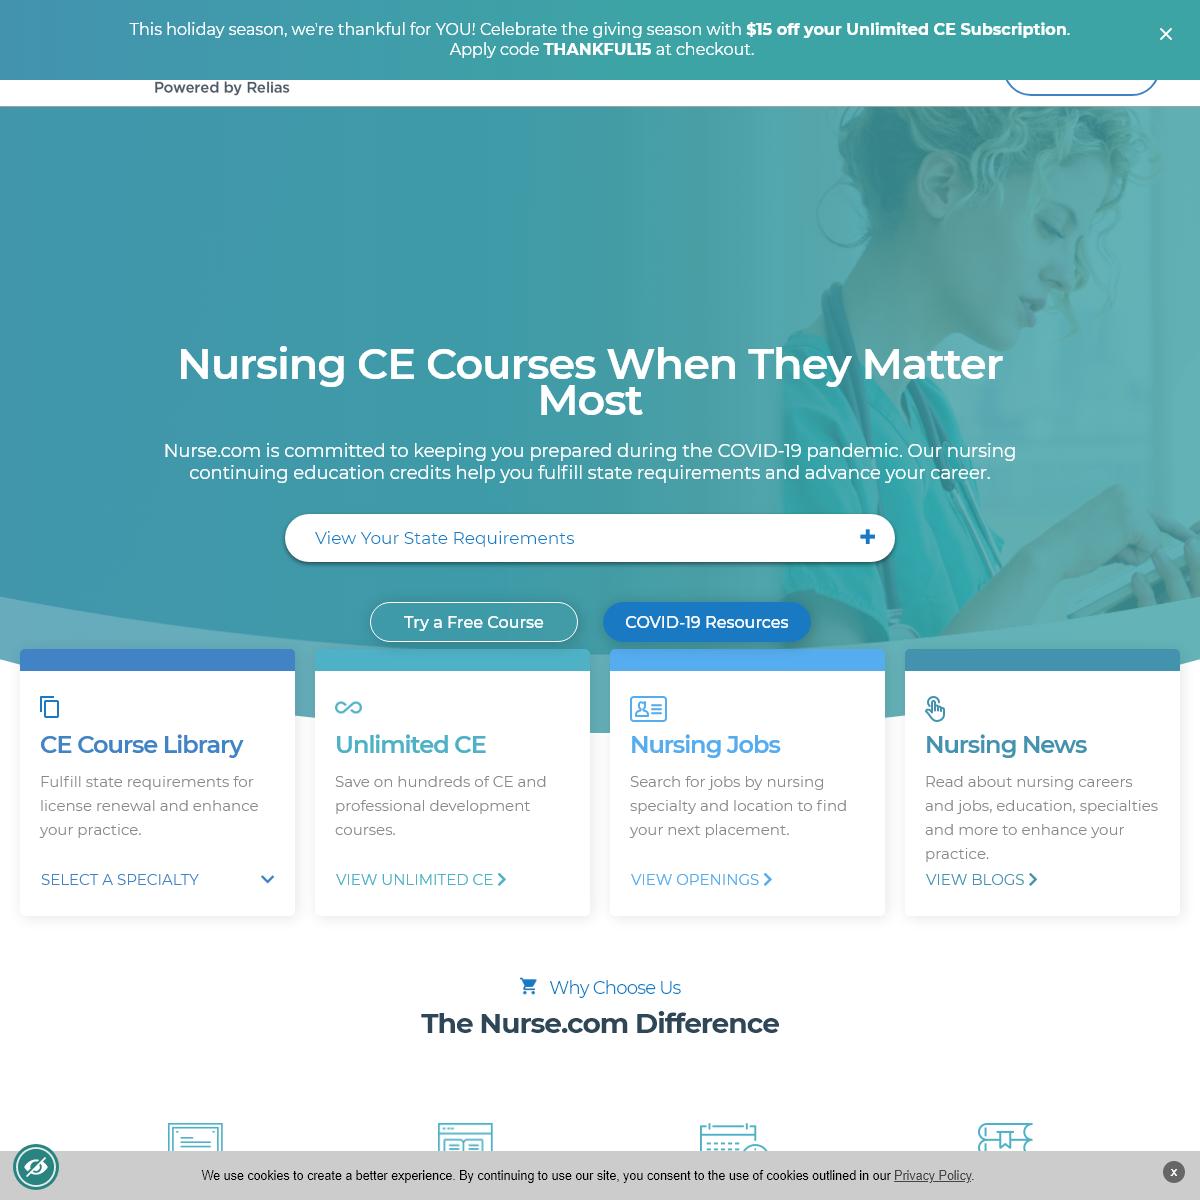 Nurse.com provides continuing education, jobs and news for nurses